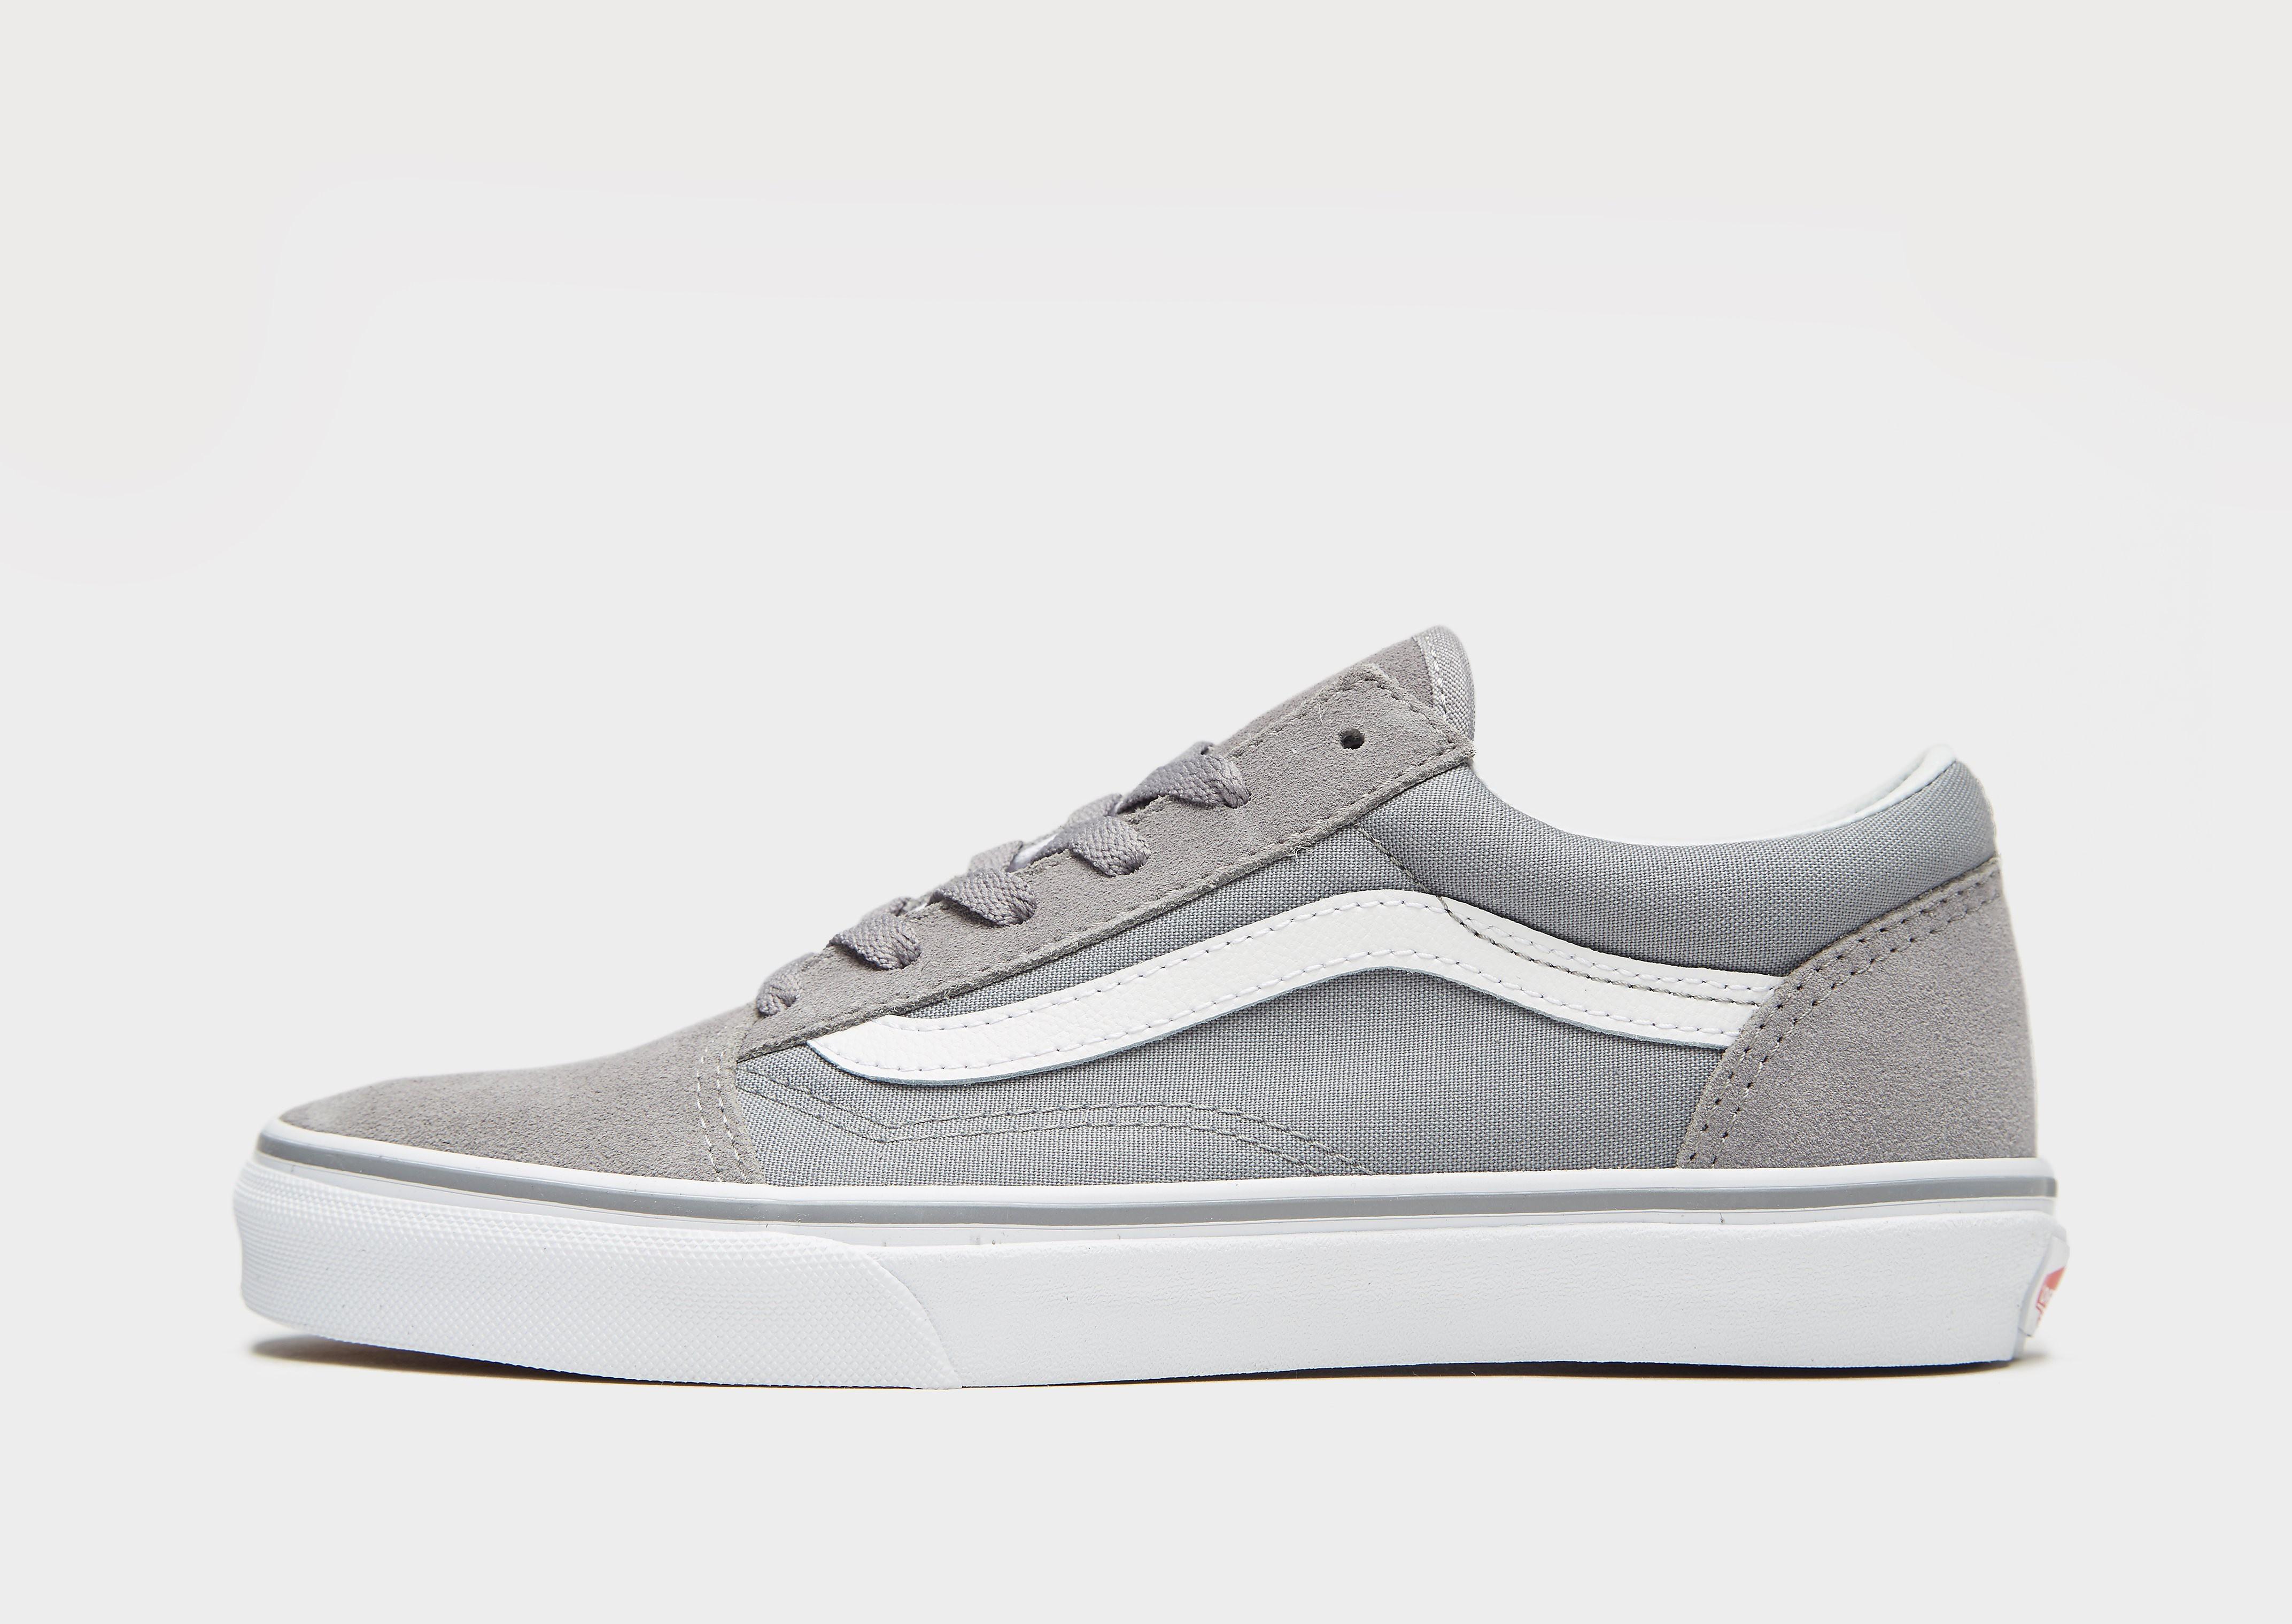 Vans Old Skool kindersneaker grijs